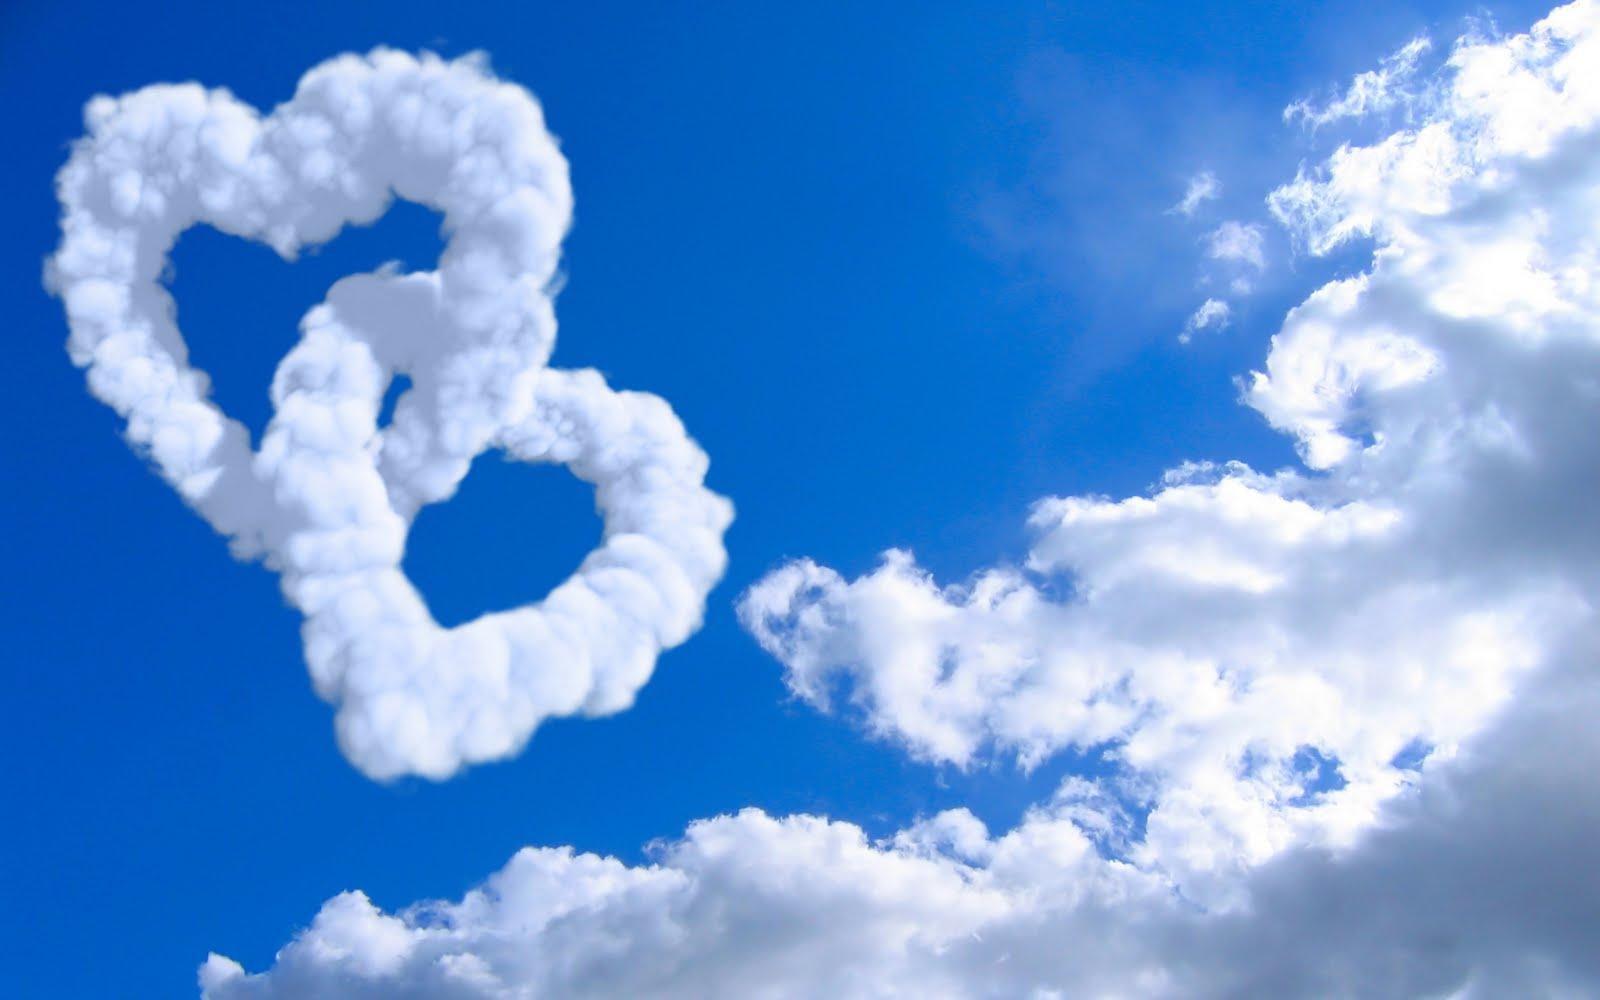 animasi love